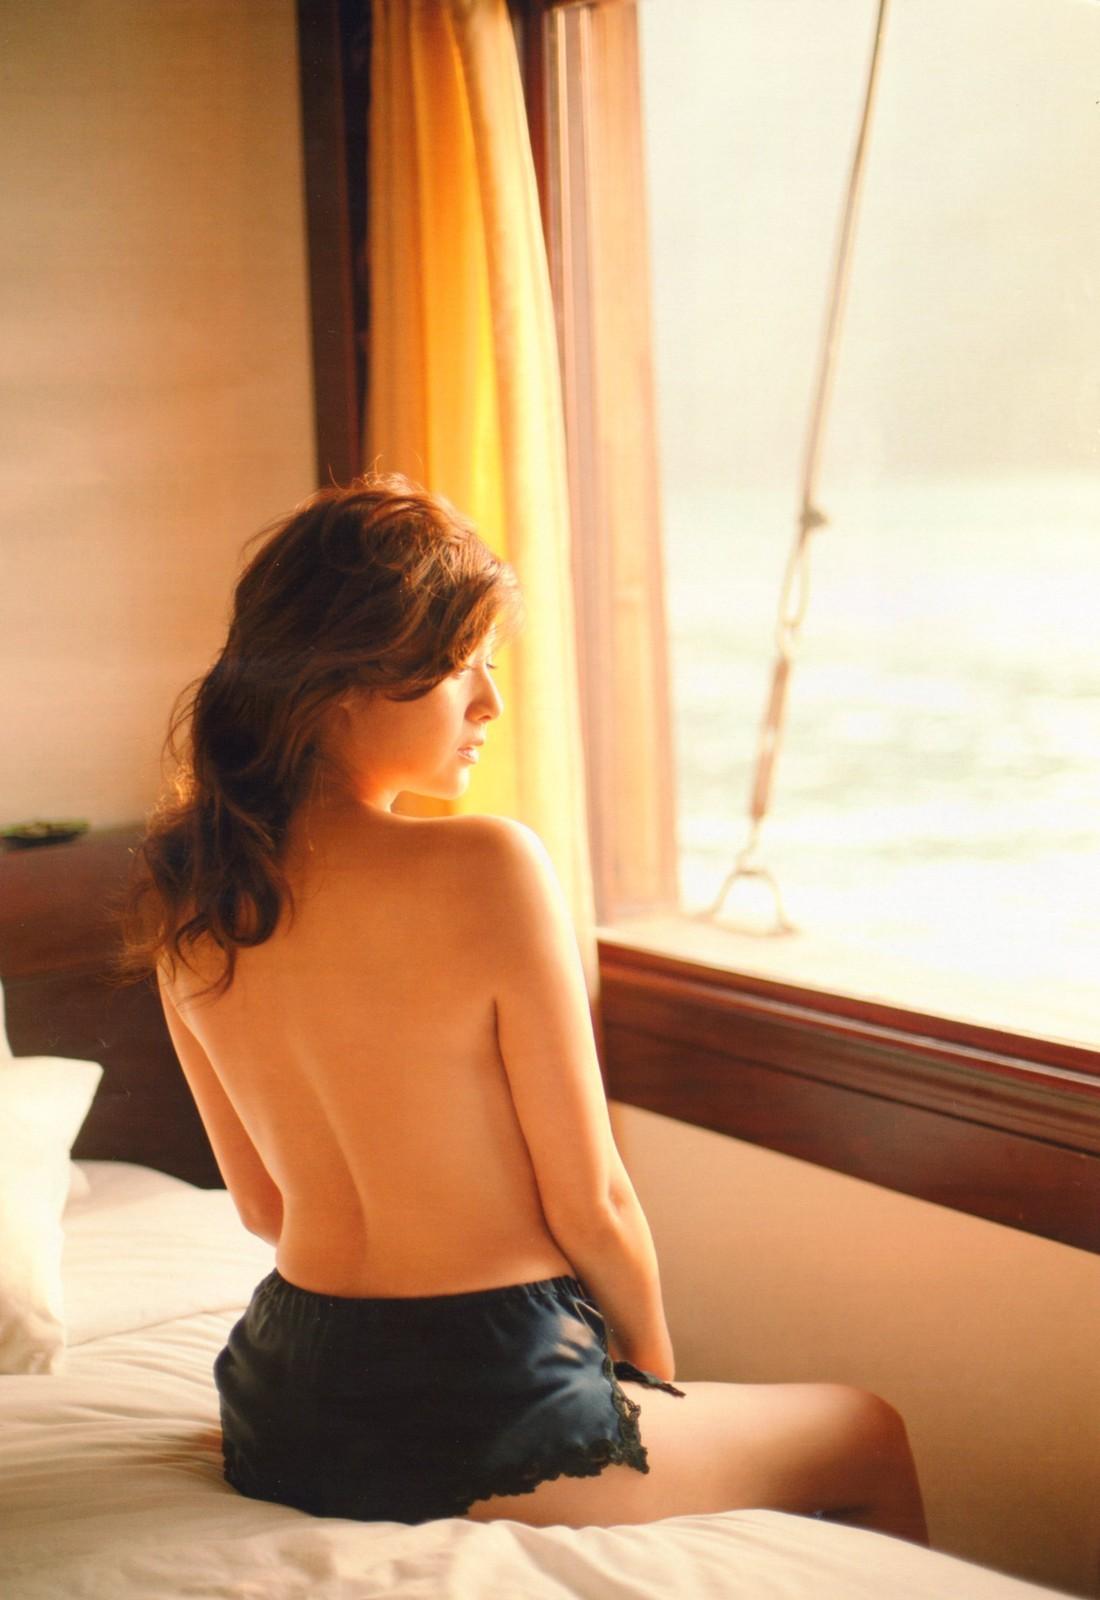 【背中エロ画像】全面舐め回したいほどに綺麗で妖艶な美女たちの背中(´∀` )